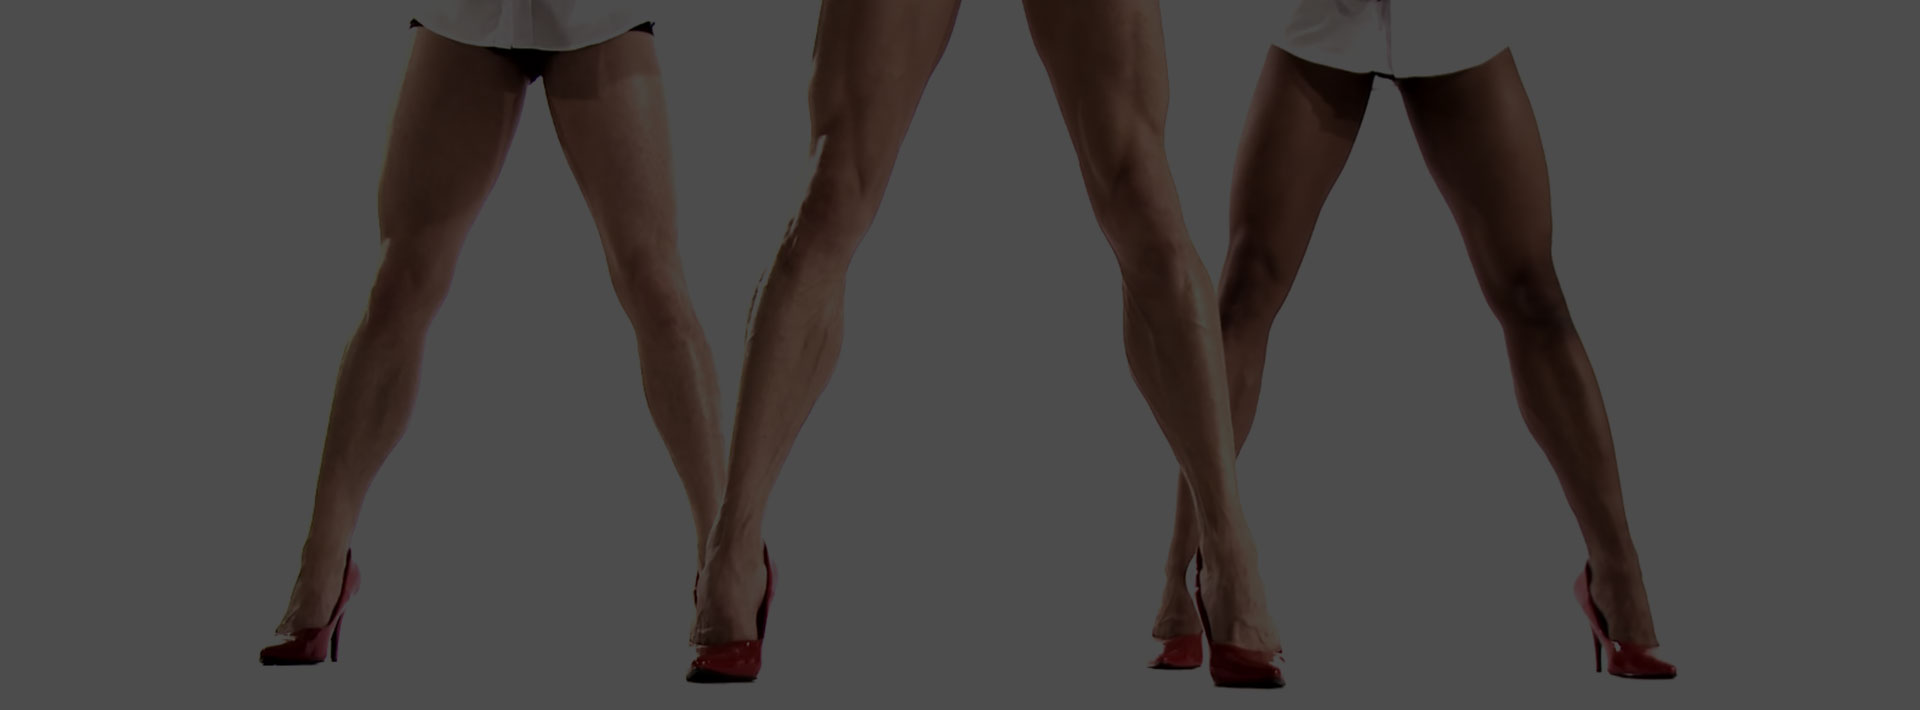 Heels Dance